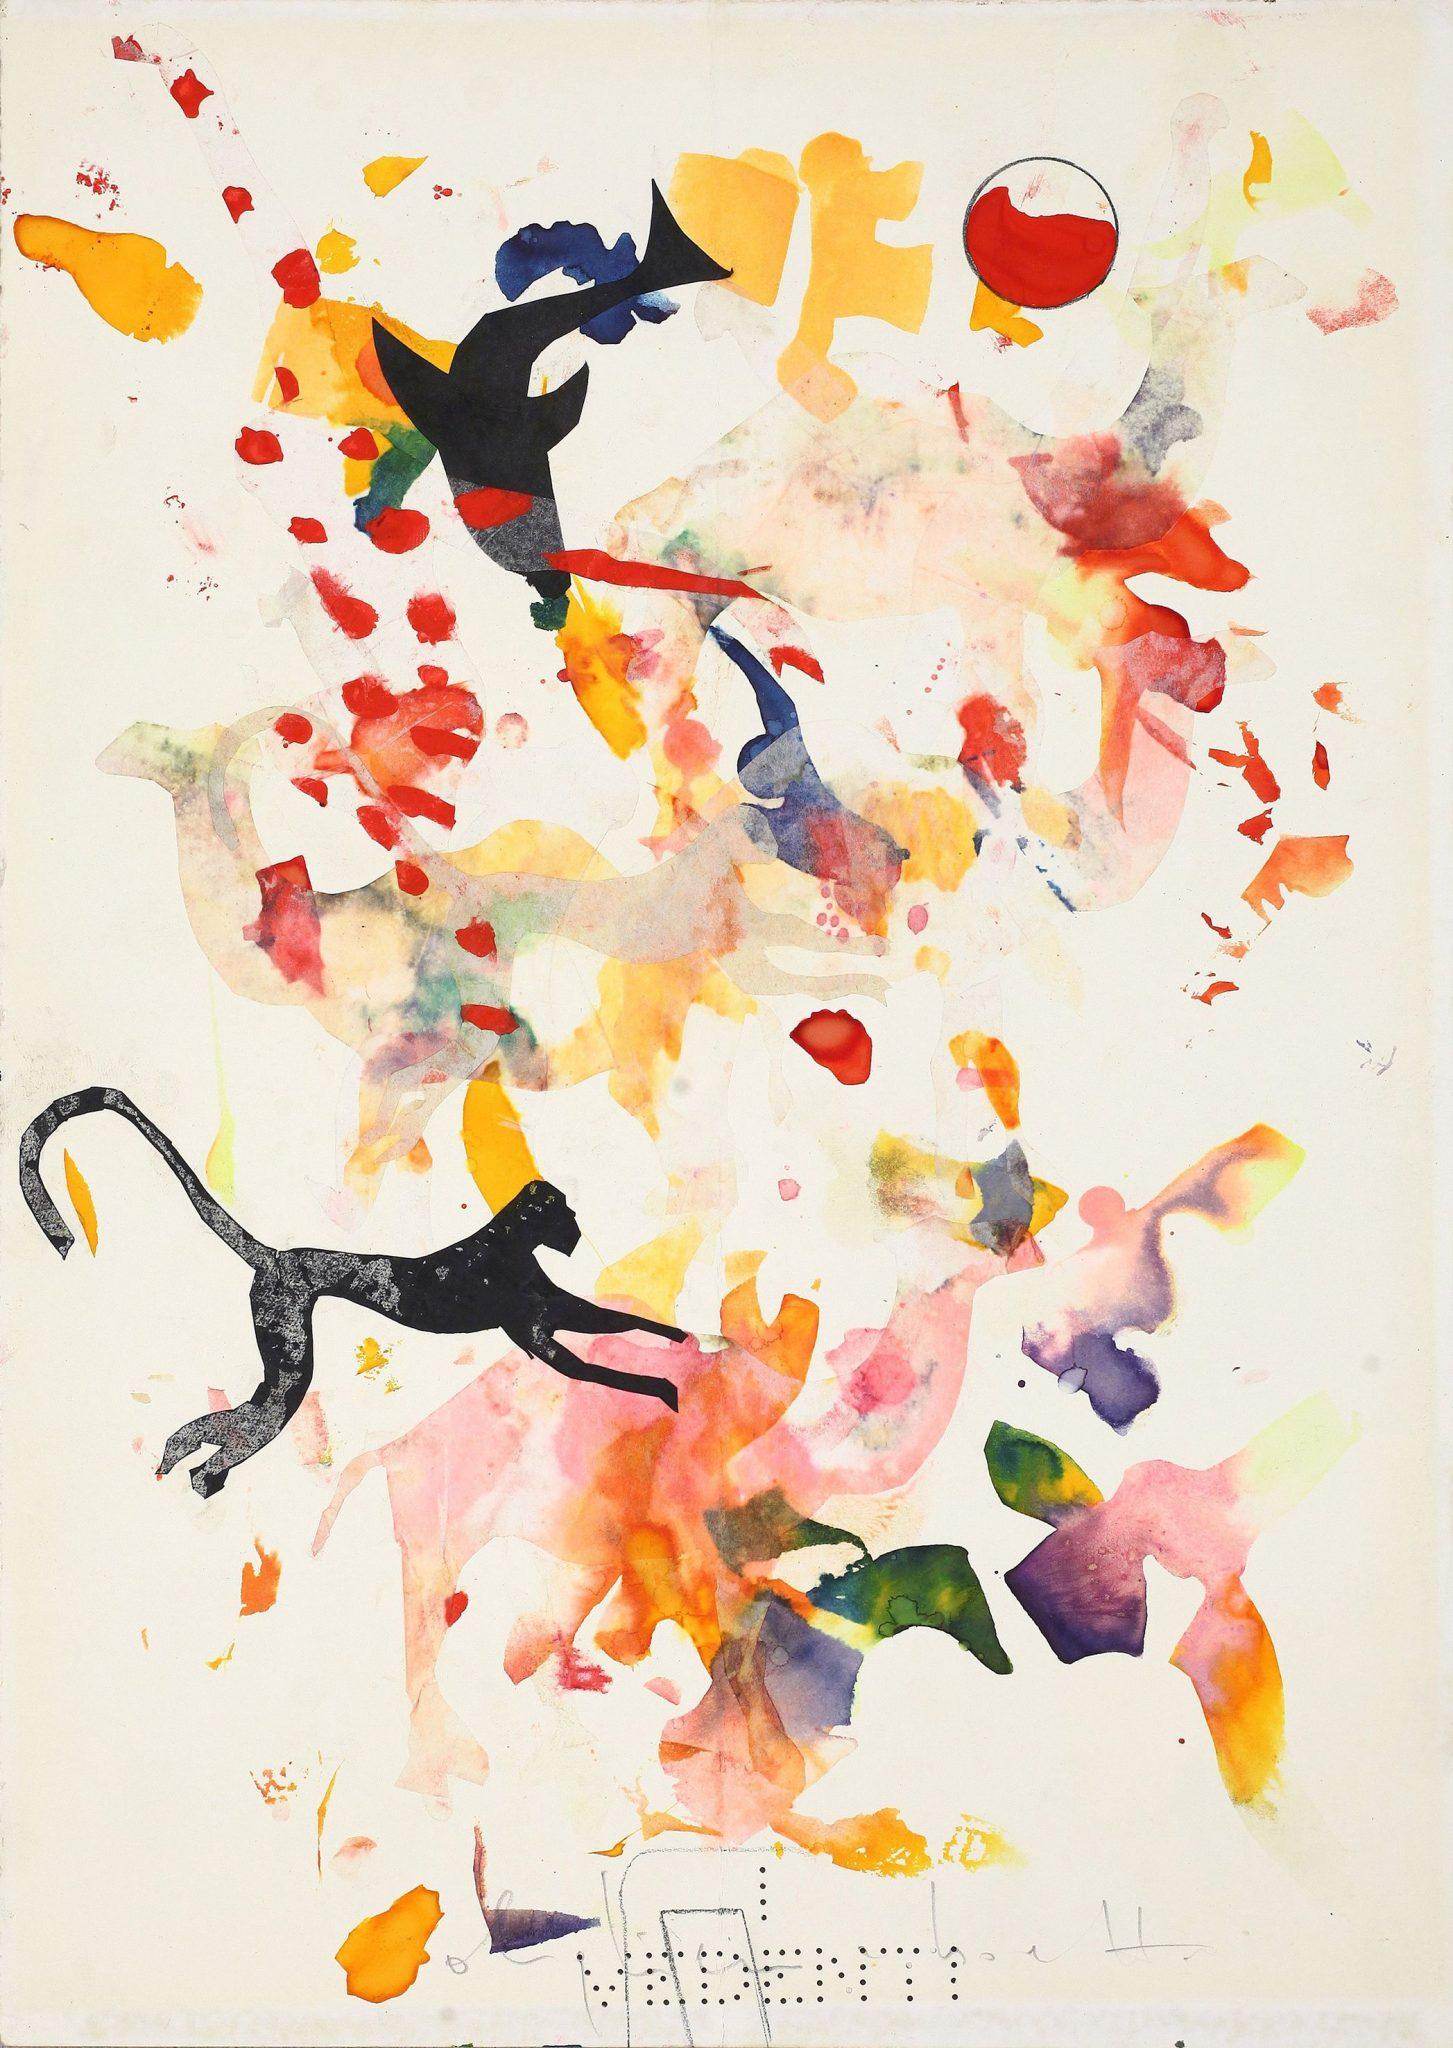 Alighiero Boetti Senza titolo animali misti 1988 collage e tecnica mista su carta 35x25 cm.